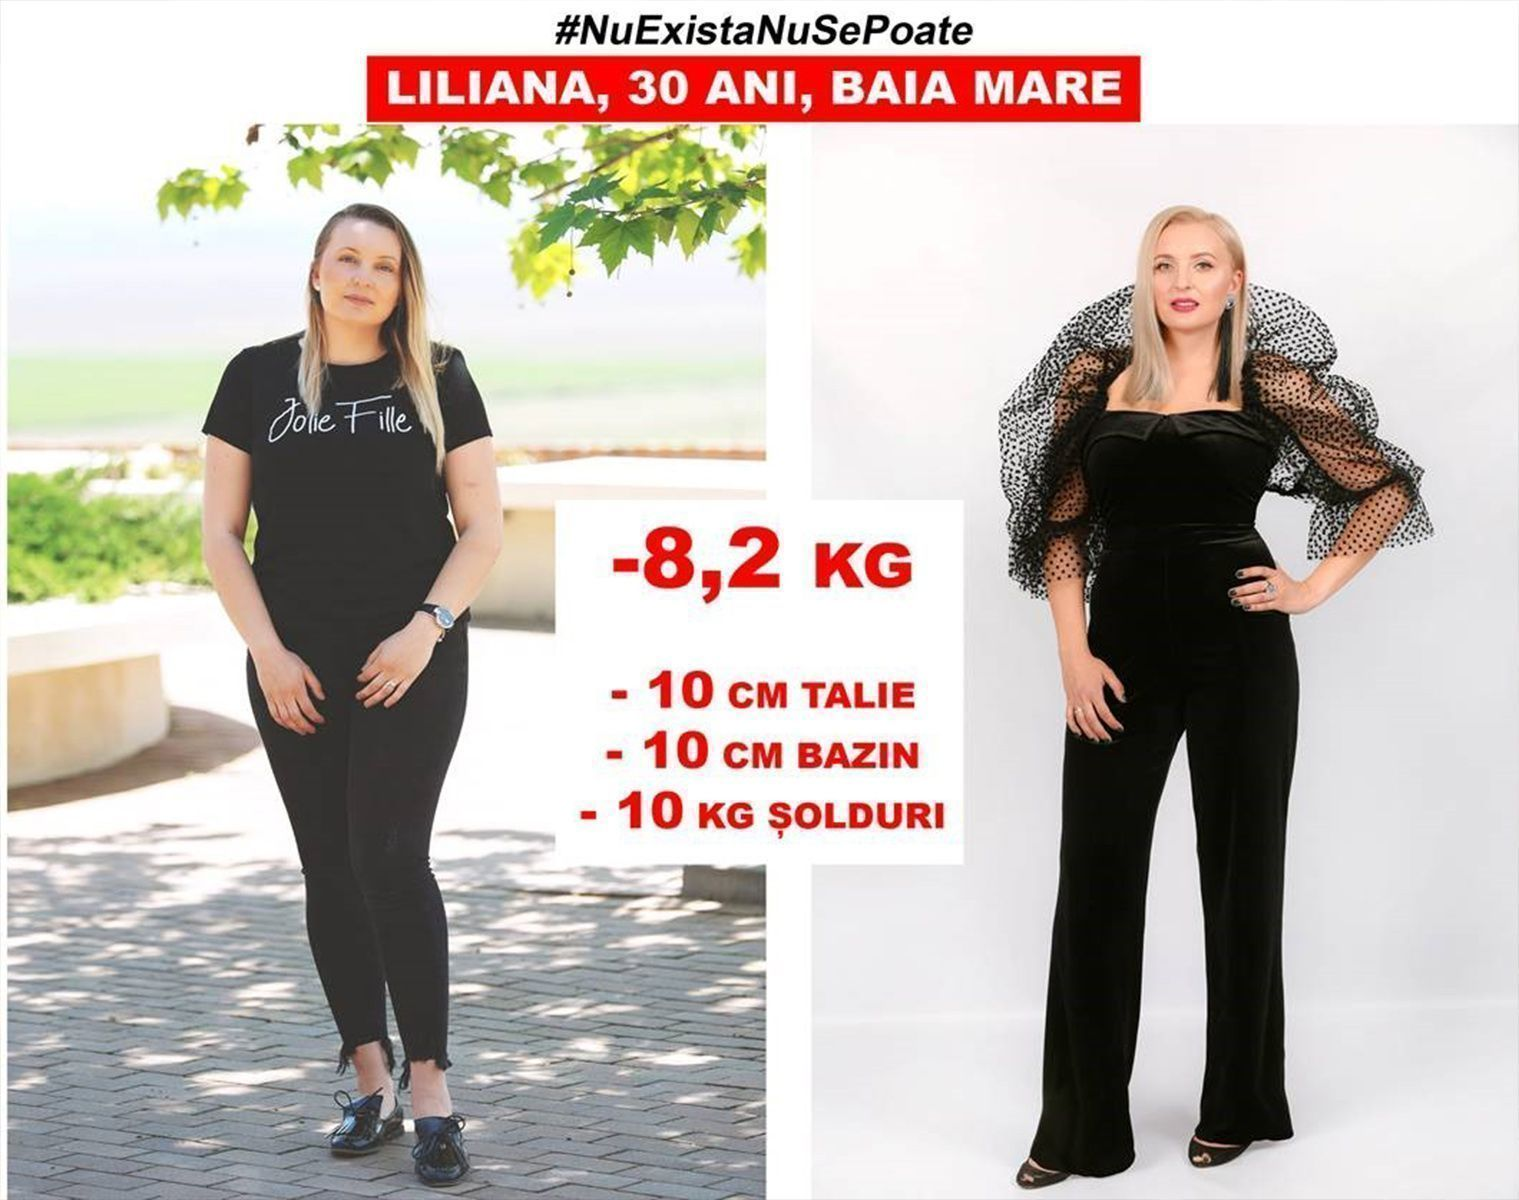 Liliana Condrat